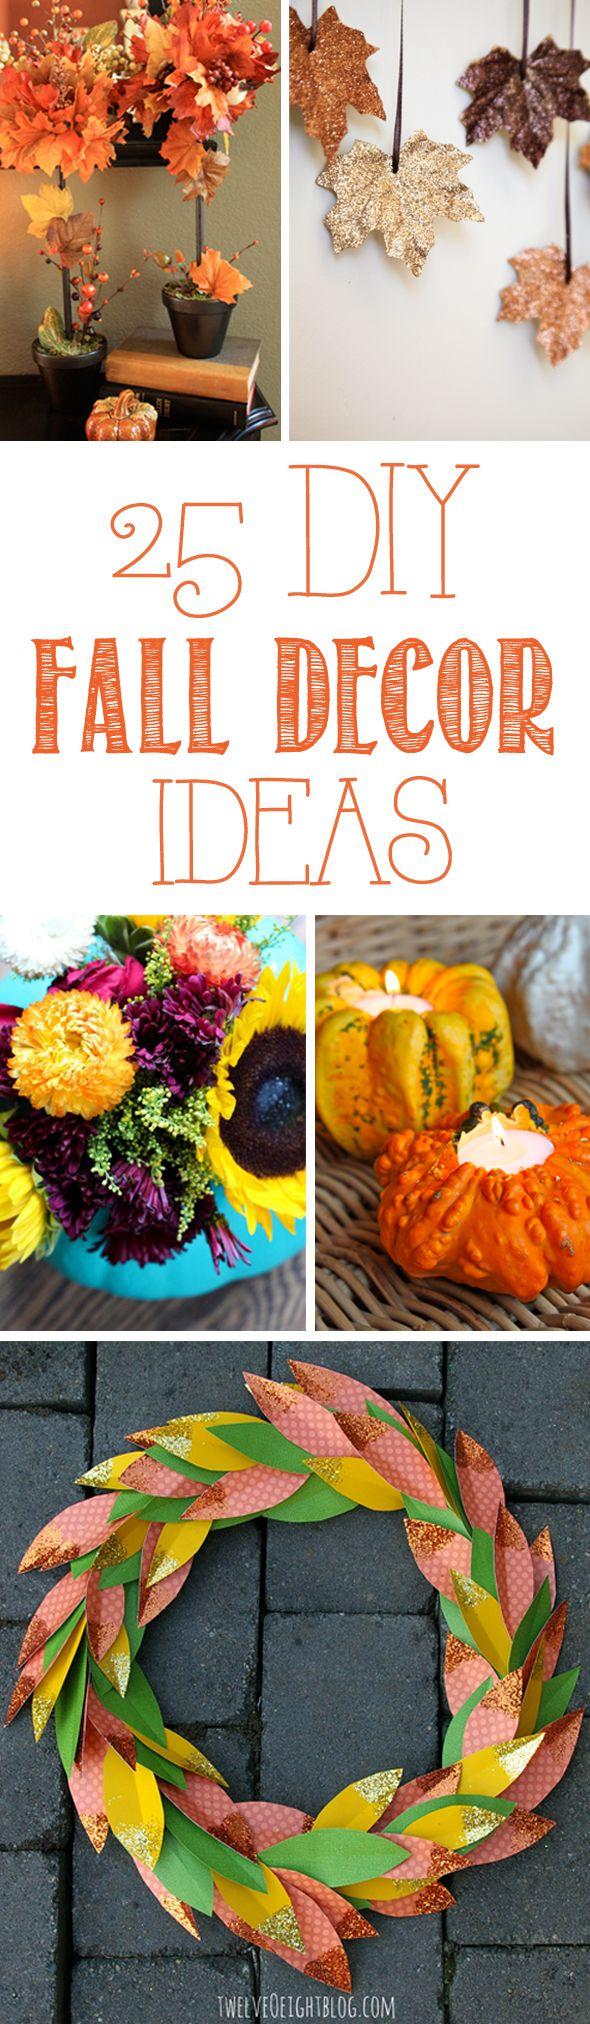 25 DIY Fall Decor Ideas - Pretty My Party #diy #fall #decor #ideas